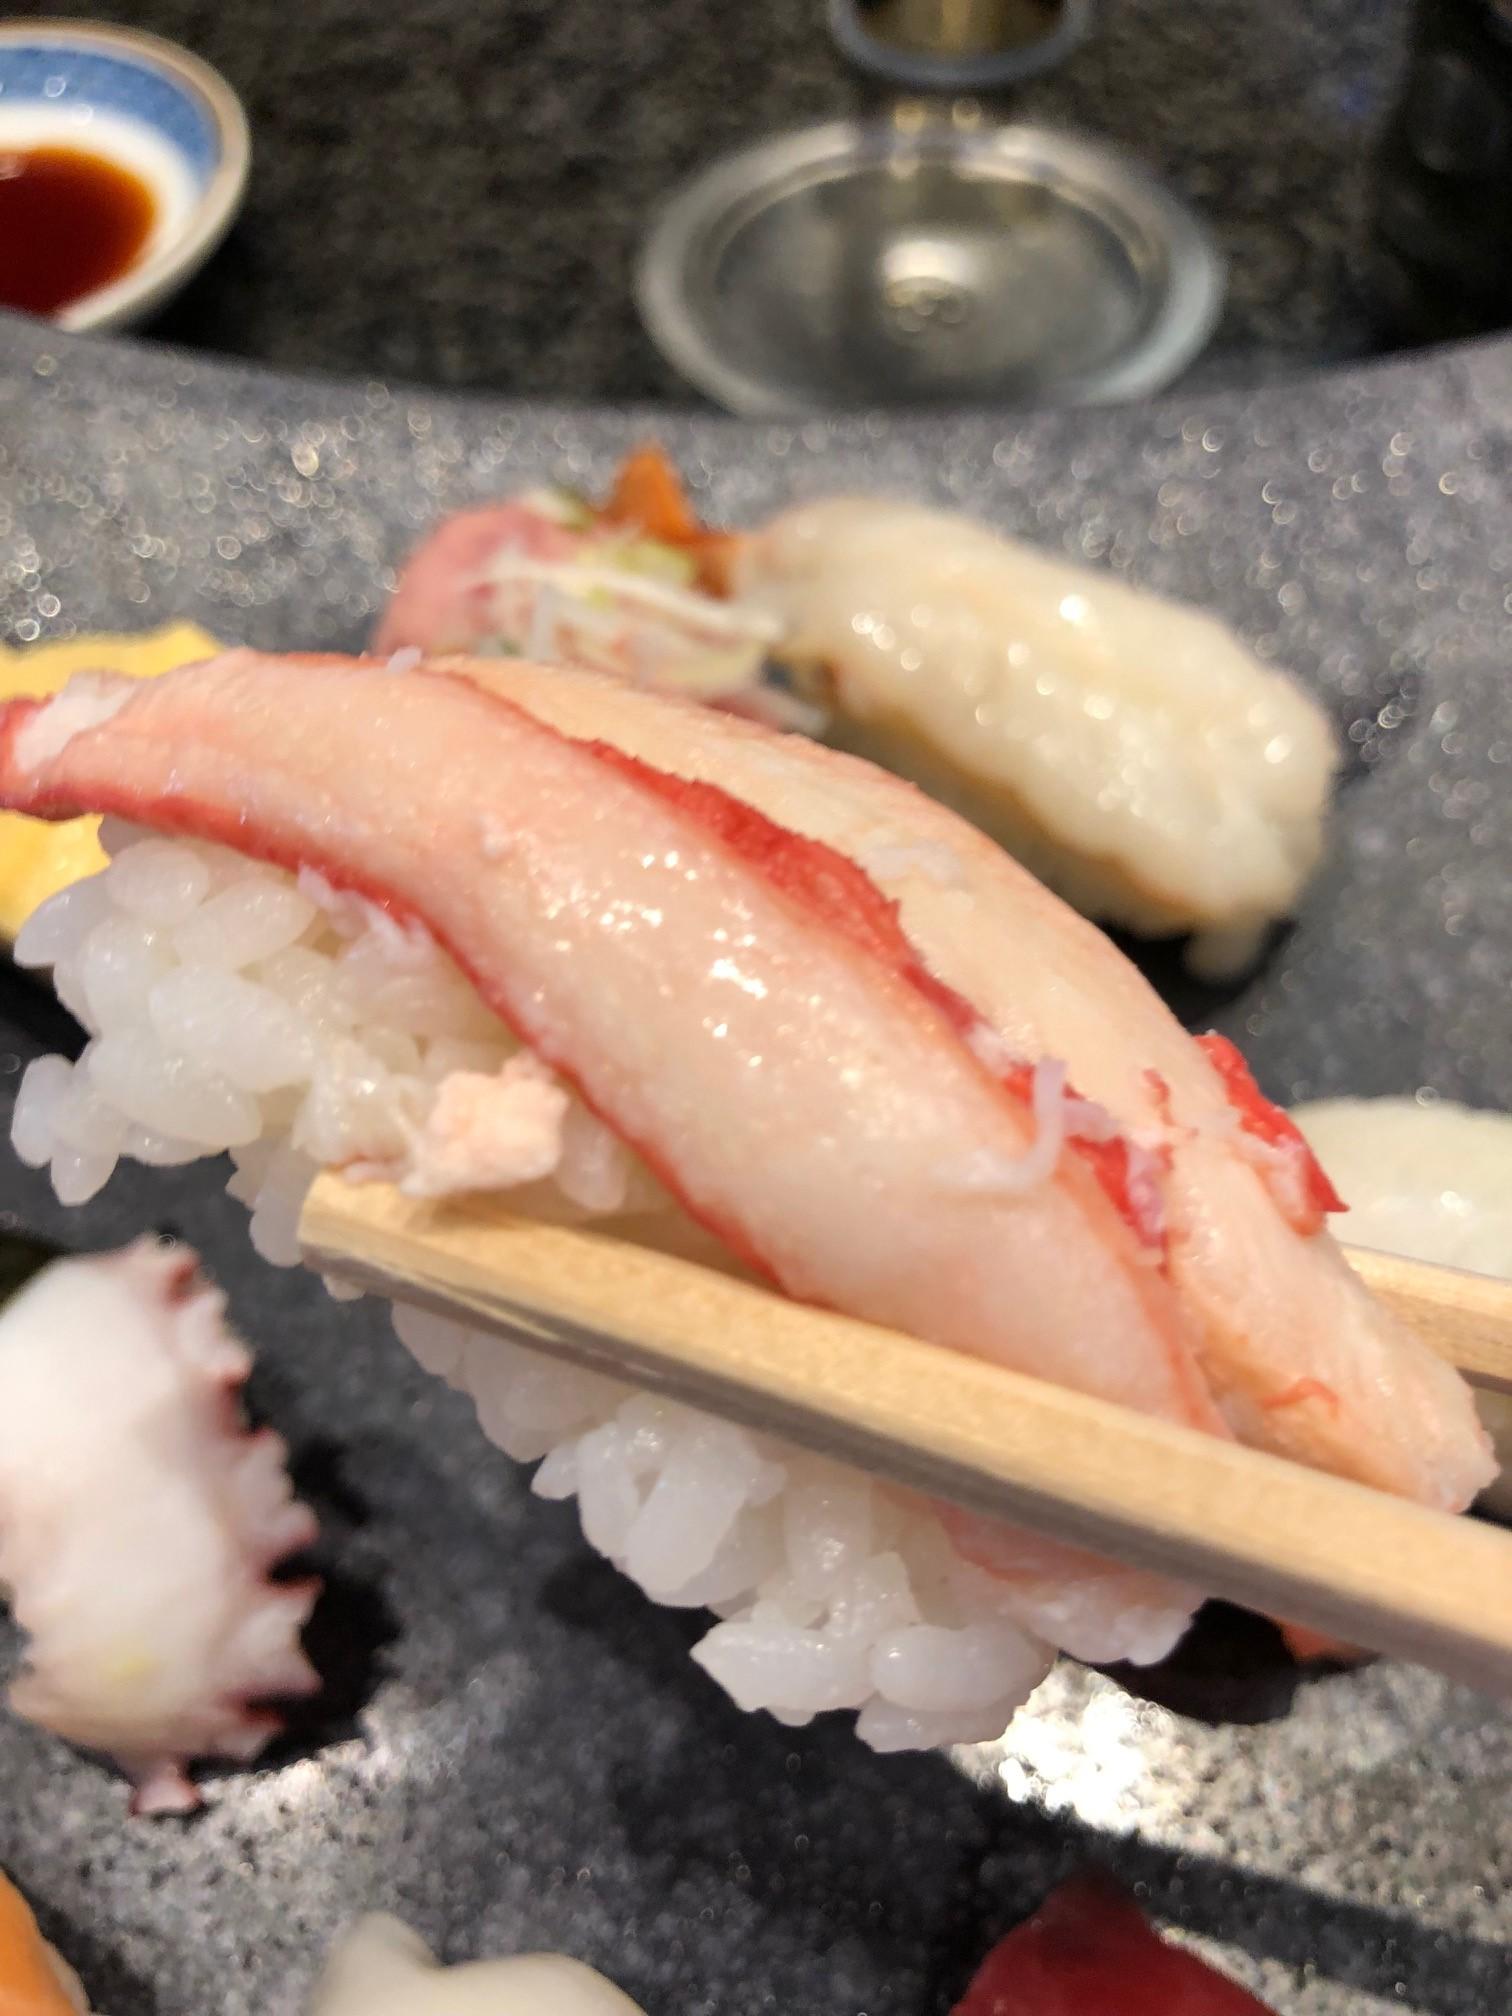 金沢おすすめ寿司厳選5選 ランチ価格、通常価格、アクセス、子供連れへの優しさ、混雑状況、ネタの美味しさ徹底比較